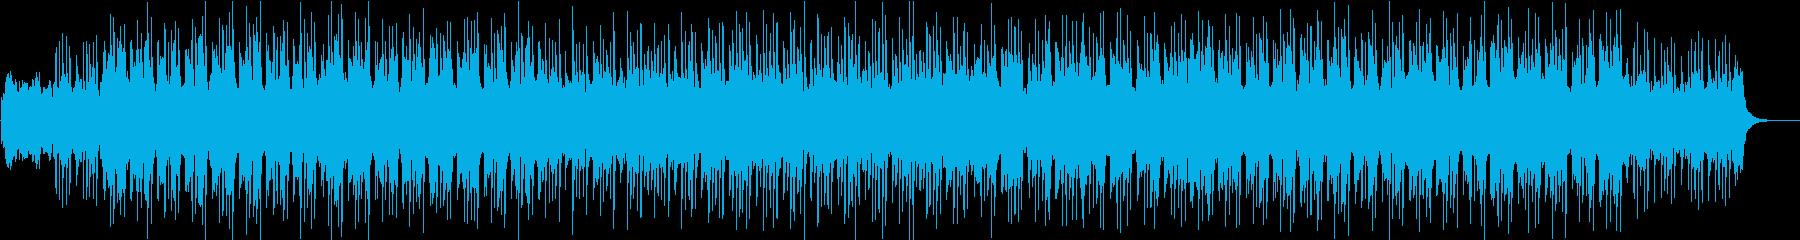 キレイで柔らかいメロディのピアノ+リズムの再生済みの波形